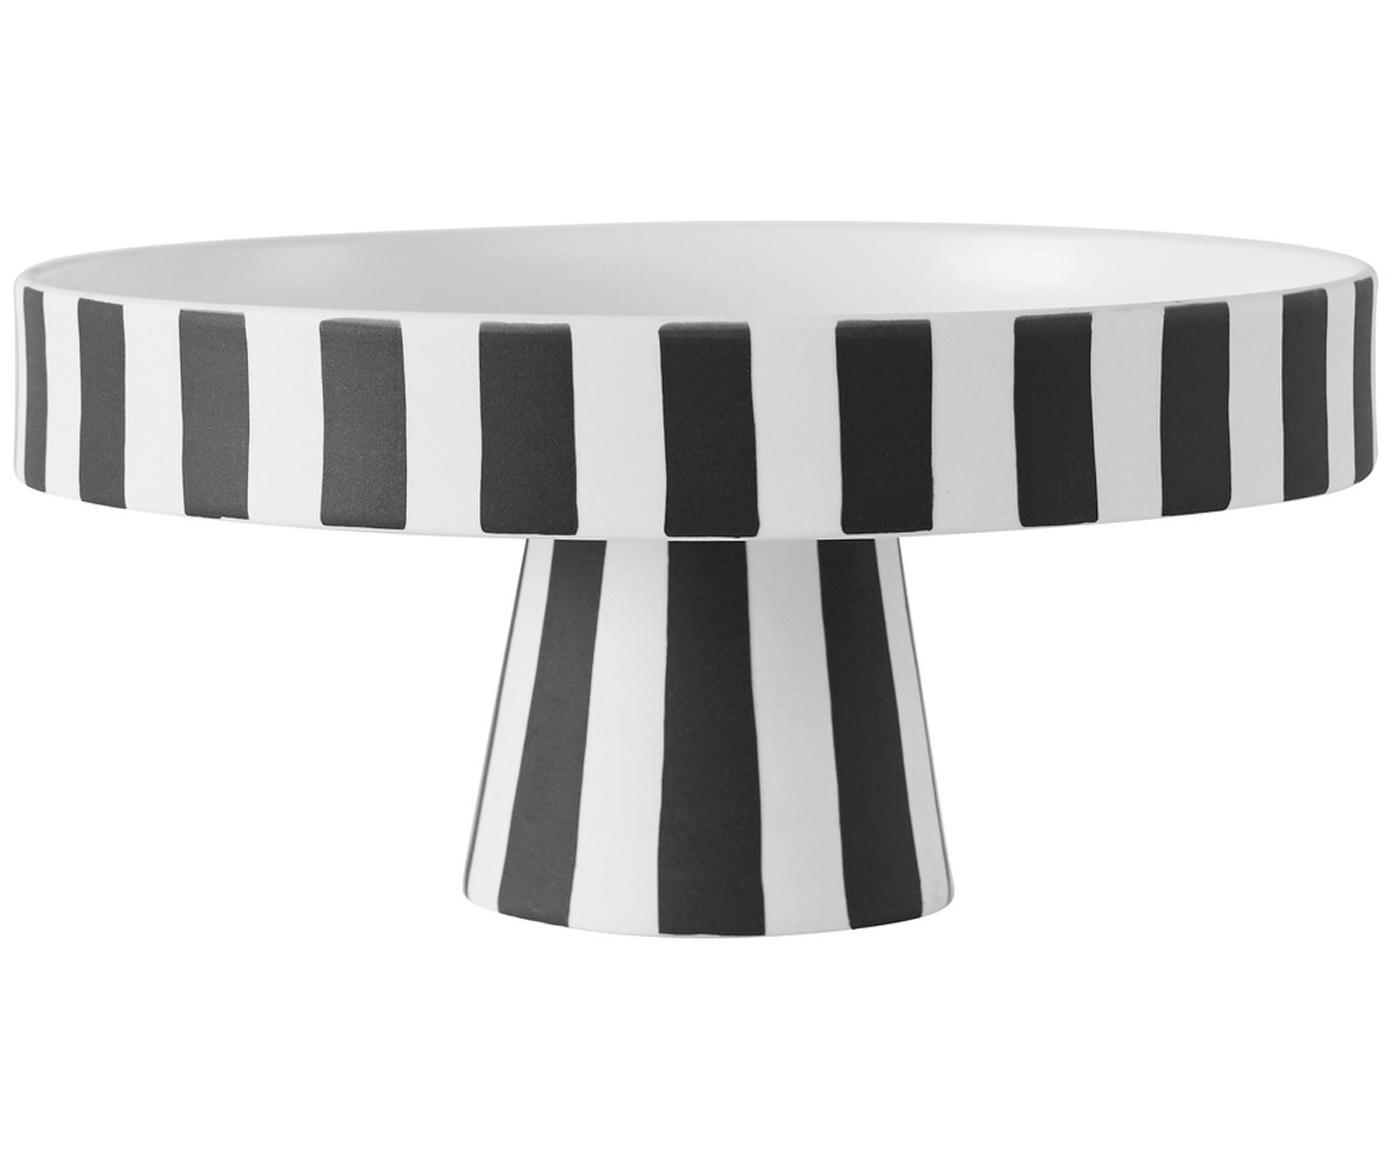 Patera na tort Toppu, Ceramika, Biały, czarny, Ø 20 x W 9 cm